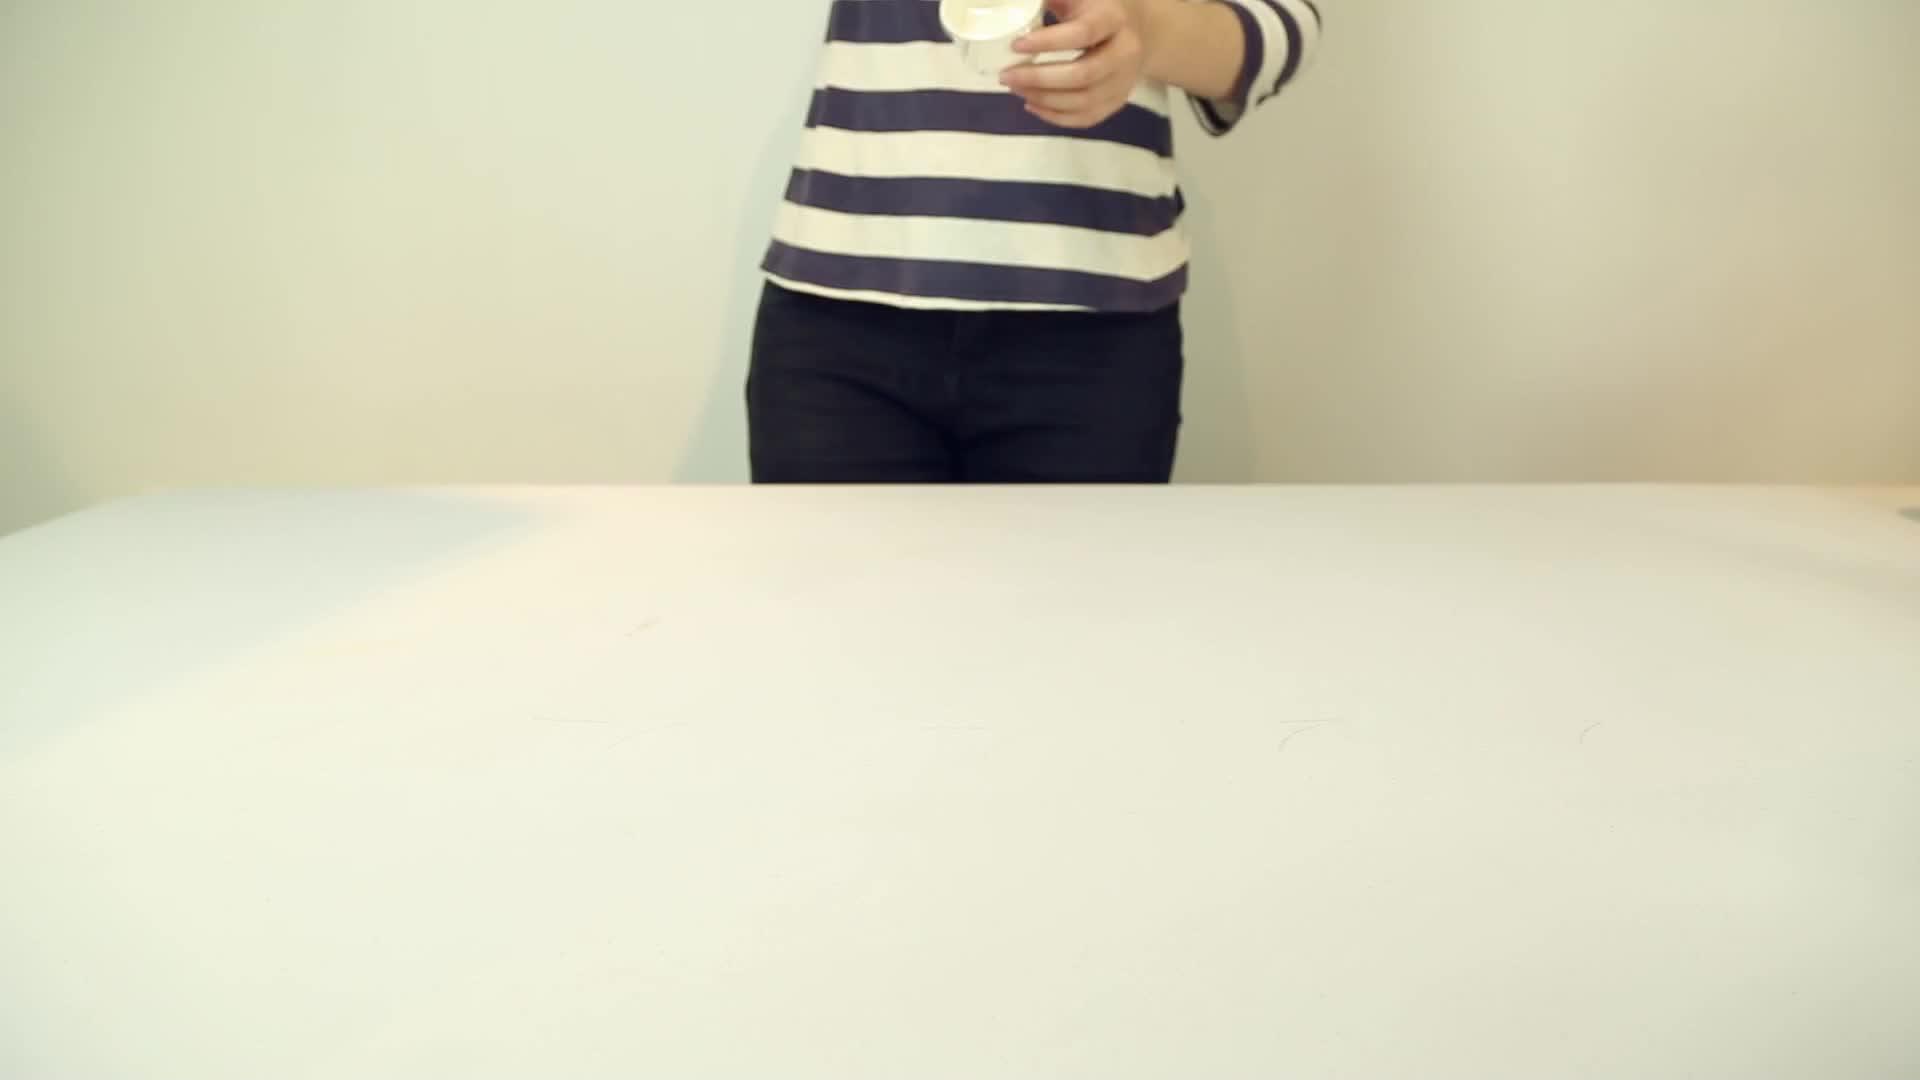 โลโก้ที่กำหนดเองพิมพ์กระดาษ Wraps อาหารบรรจุภัณฑ์กล่อง